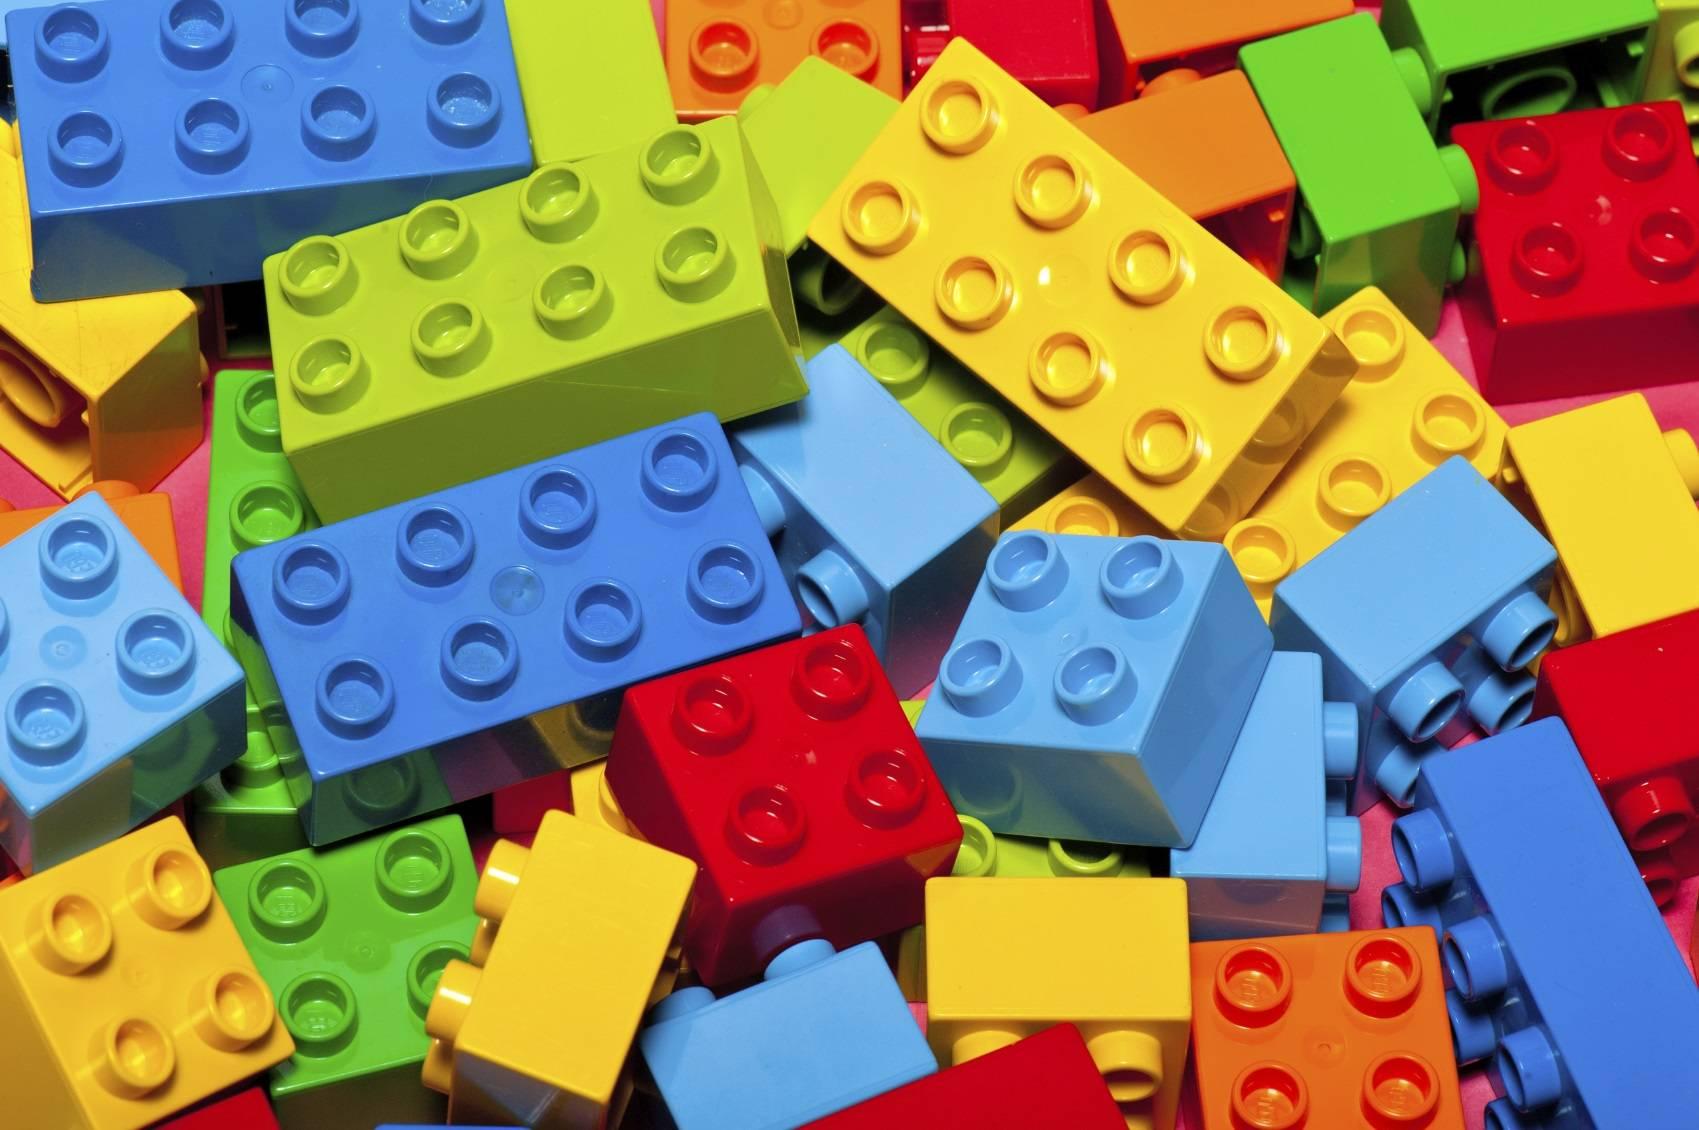 lego veut se passer de briques en plastique l horizon 2030. Black Bedroom Furniture Sets. Home Design Ideas